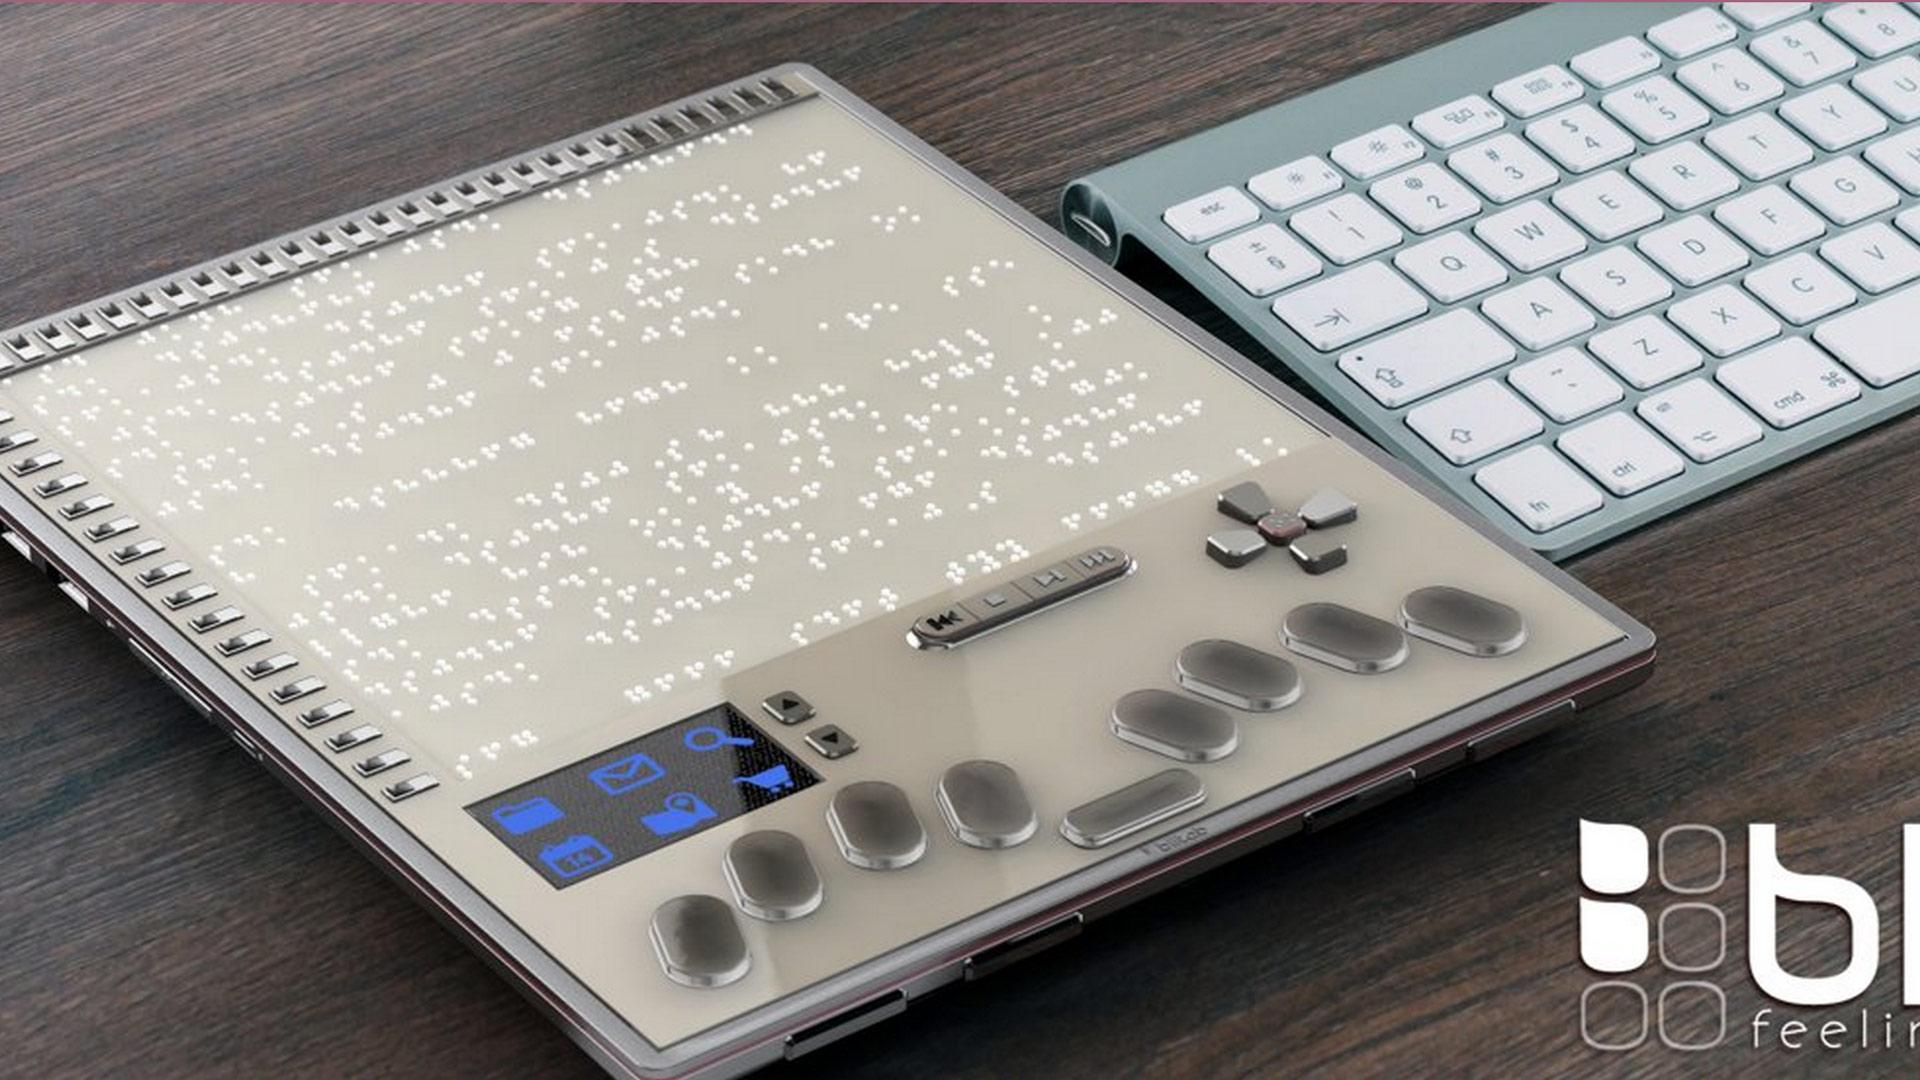 BlitLab : Une tablette tactile révolutionnaire pour les malvoyants